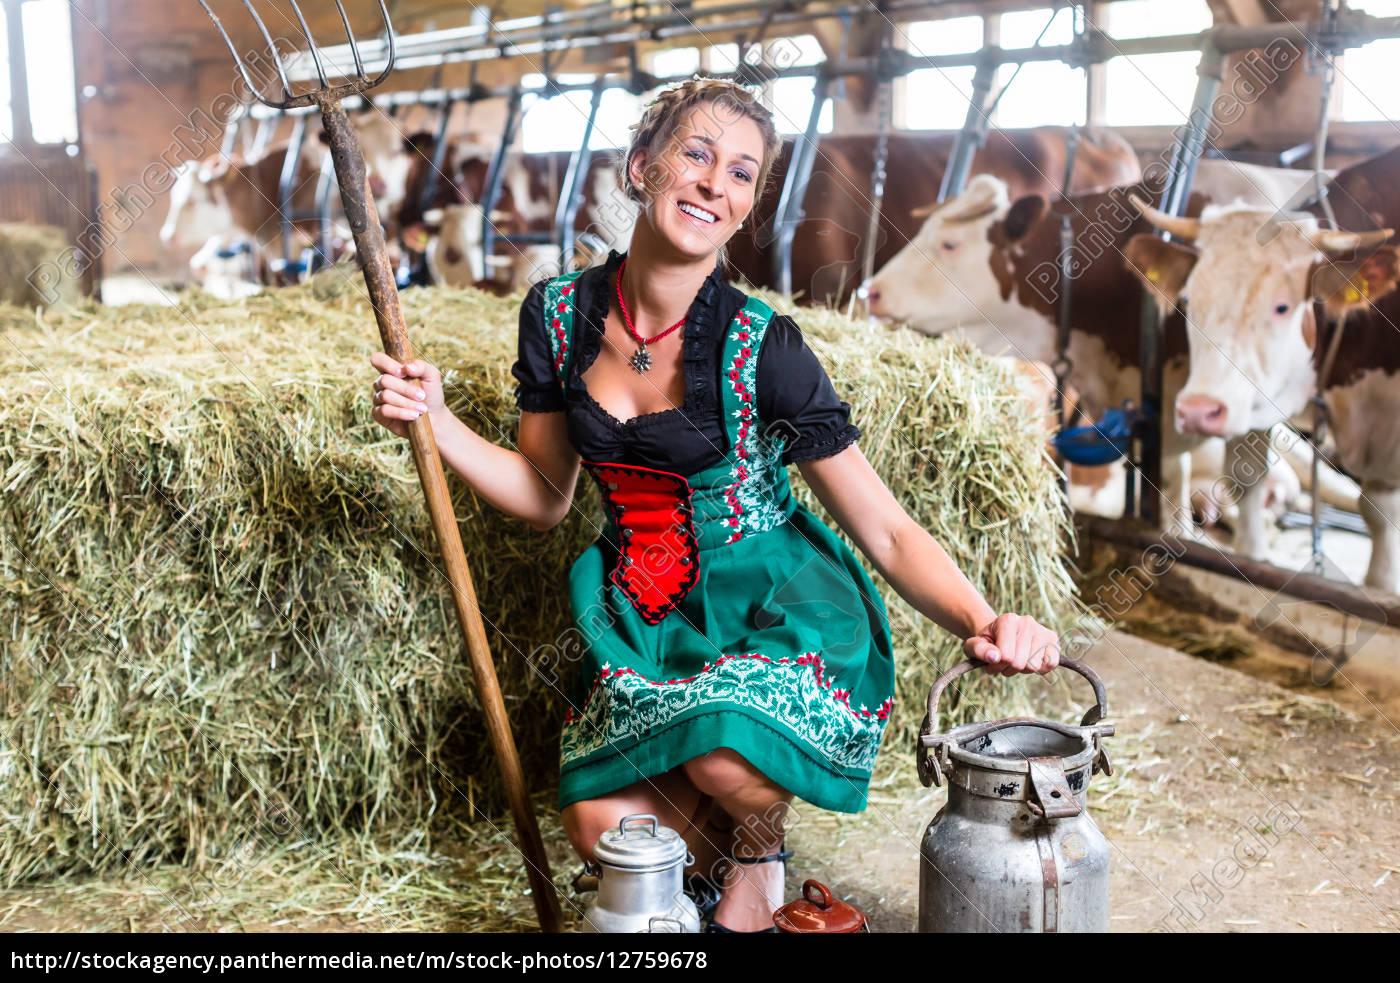 Sexy Bäuerin im Kuhstall - Stockfoto - #12759678